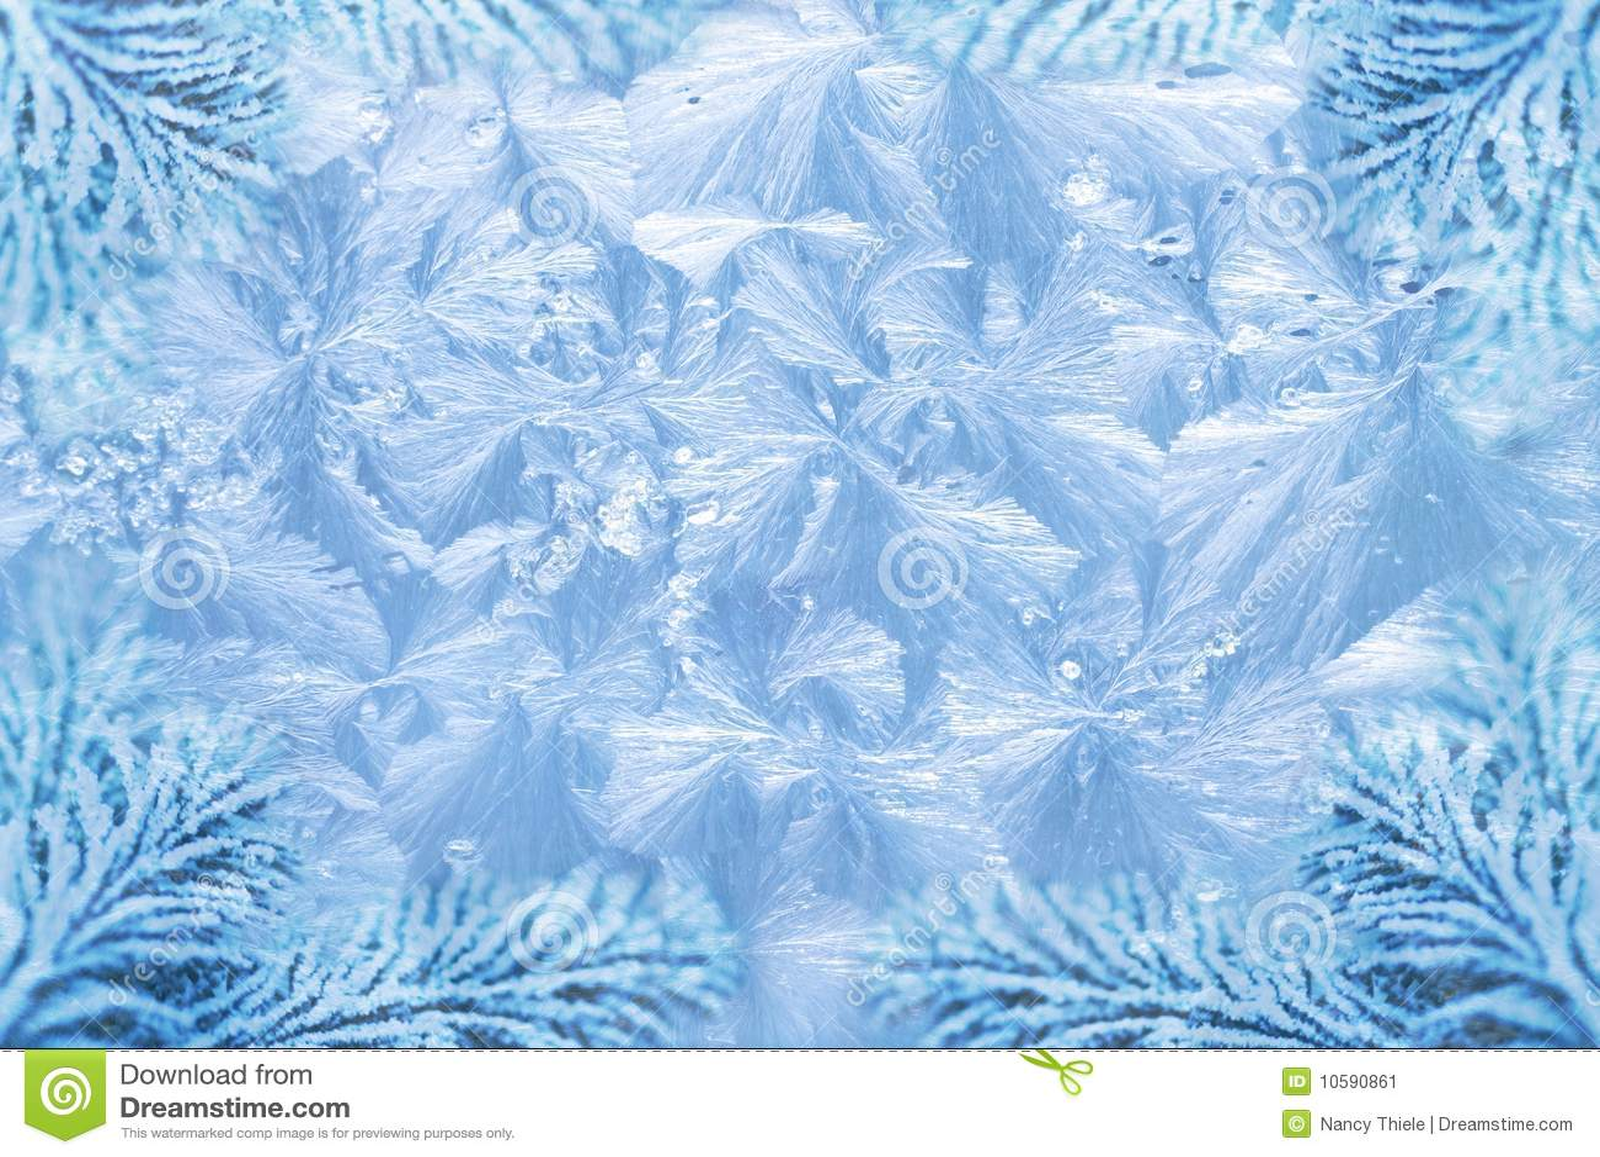 Configurations De Cristal De Glace De Gel De Jack Et Sapin ...